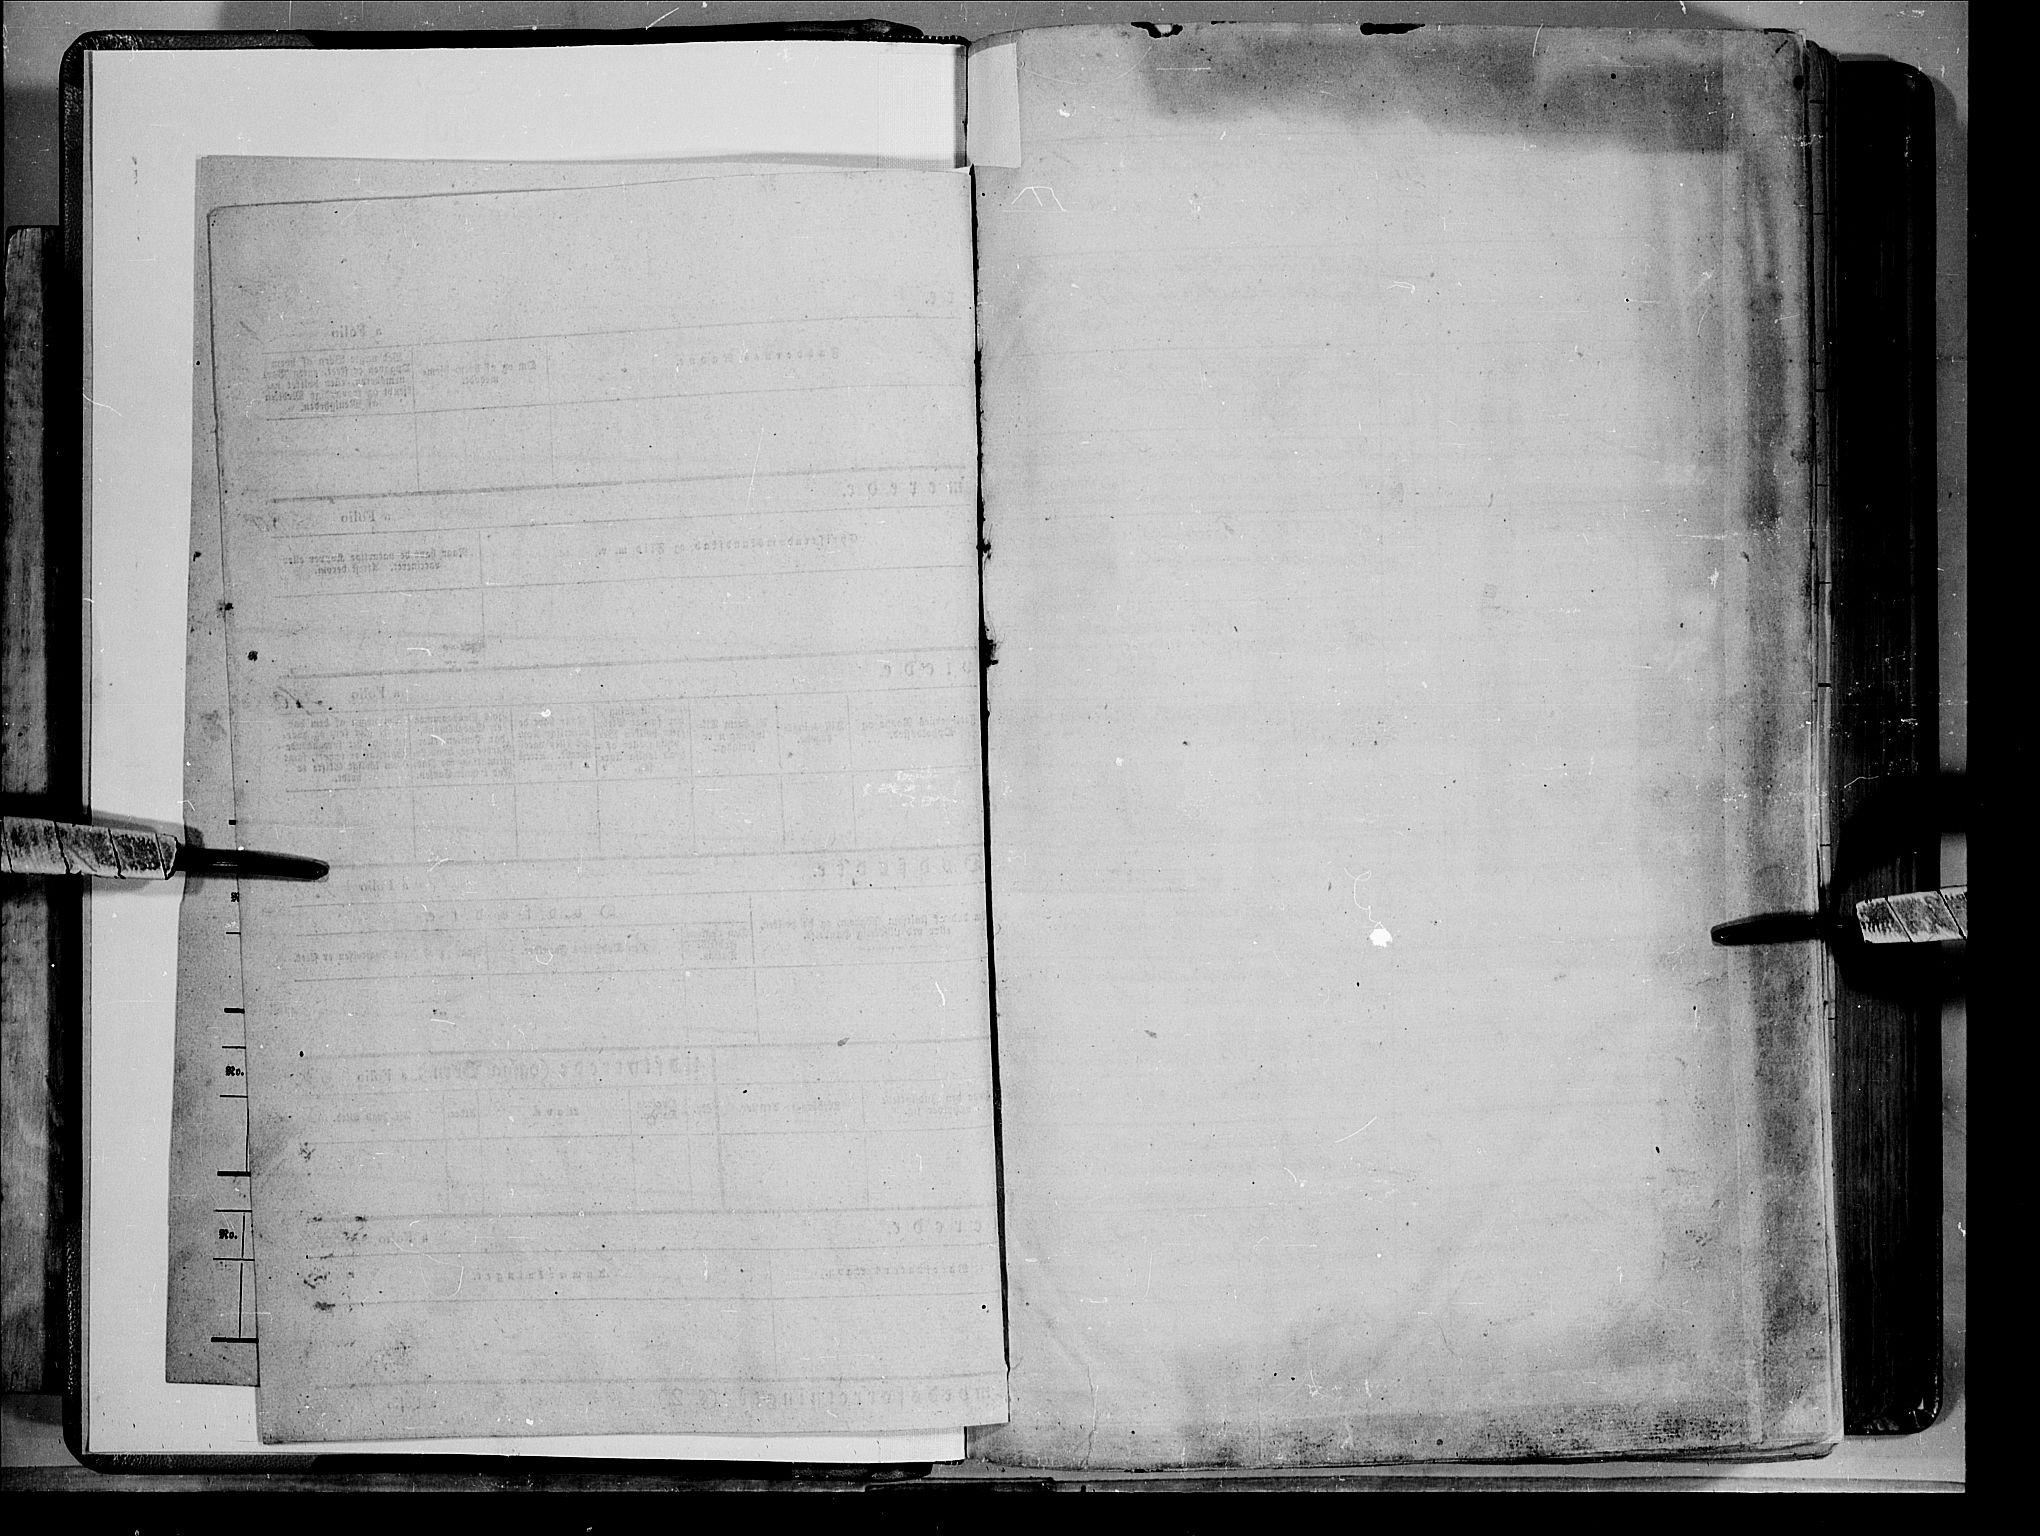 SAH, Lom prestekontor, K/L0006: Ministerialbok nr. 6A, 1837-1863, s. 1